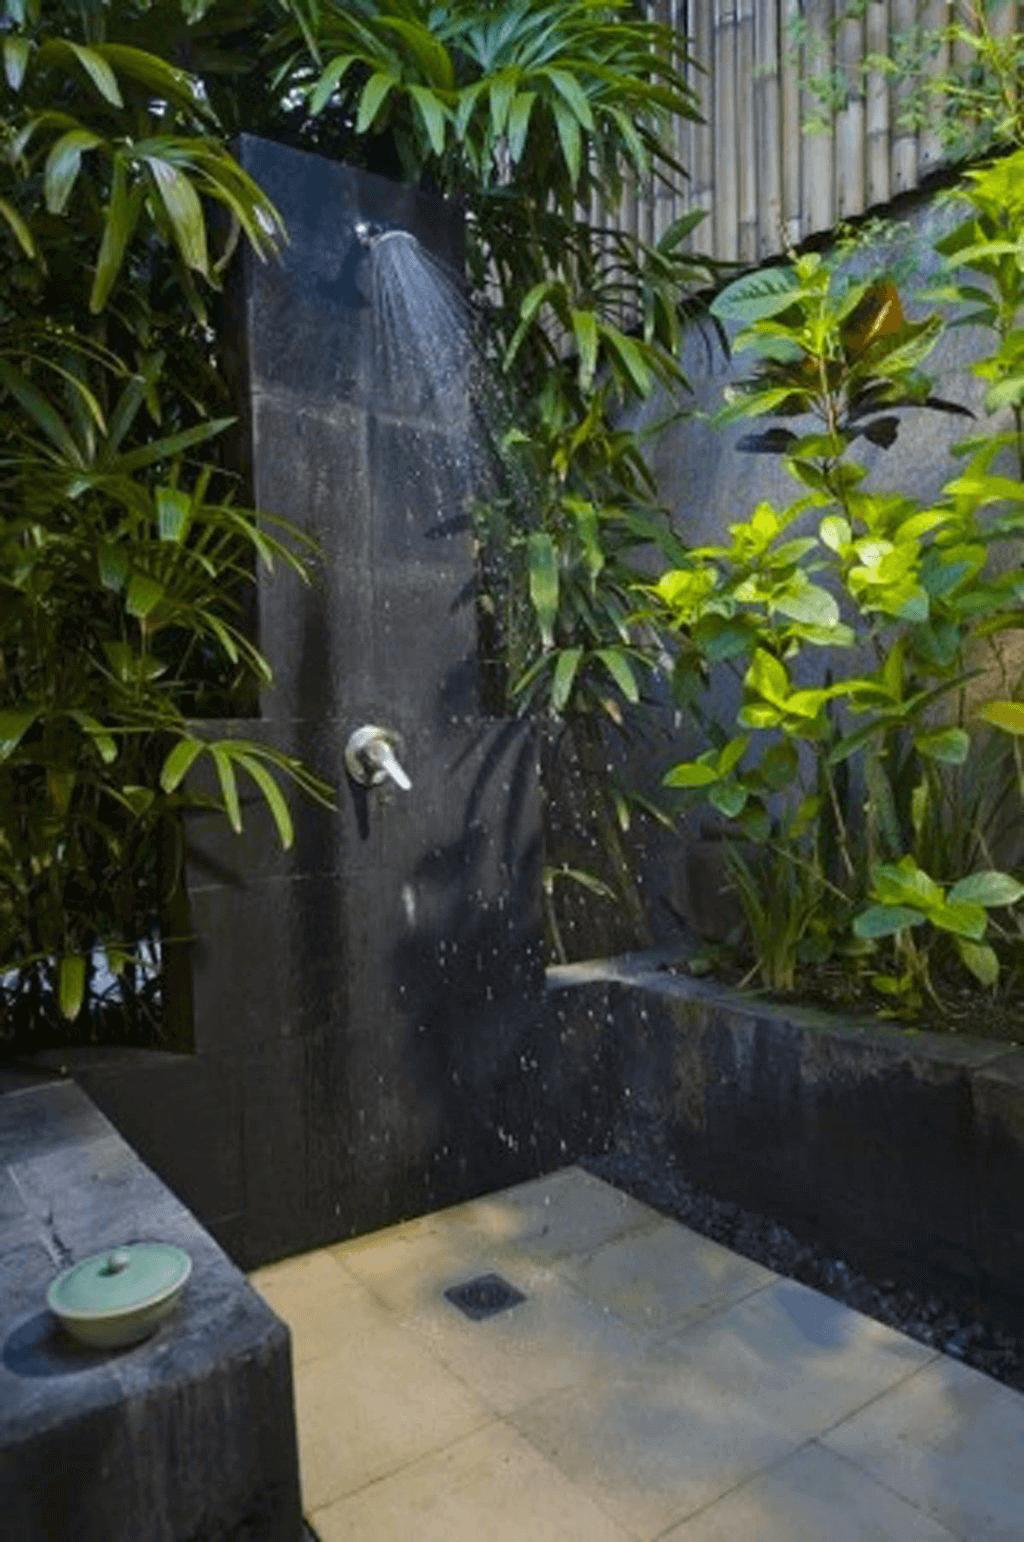 Outdoor Shower Ideas Botanical Outdoor Bathroom Design - Harptimes.com